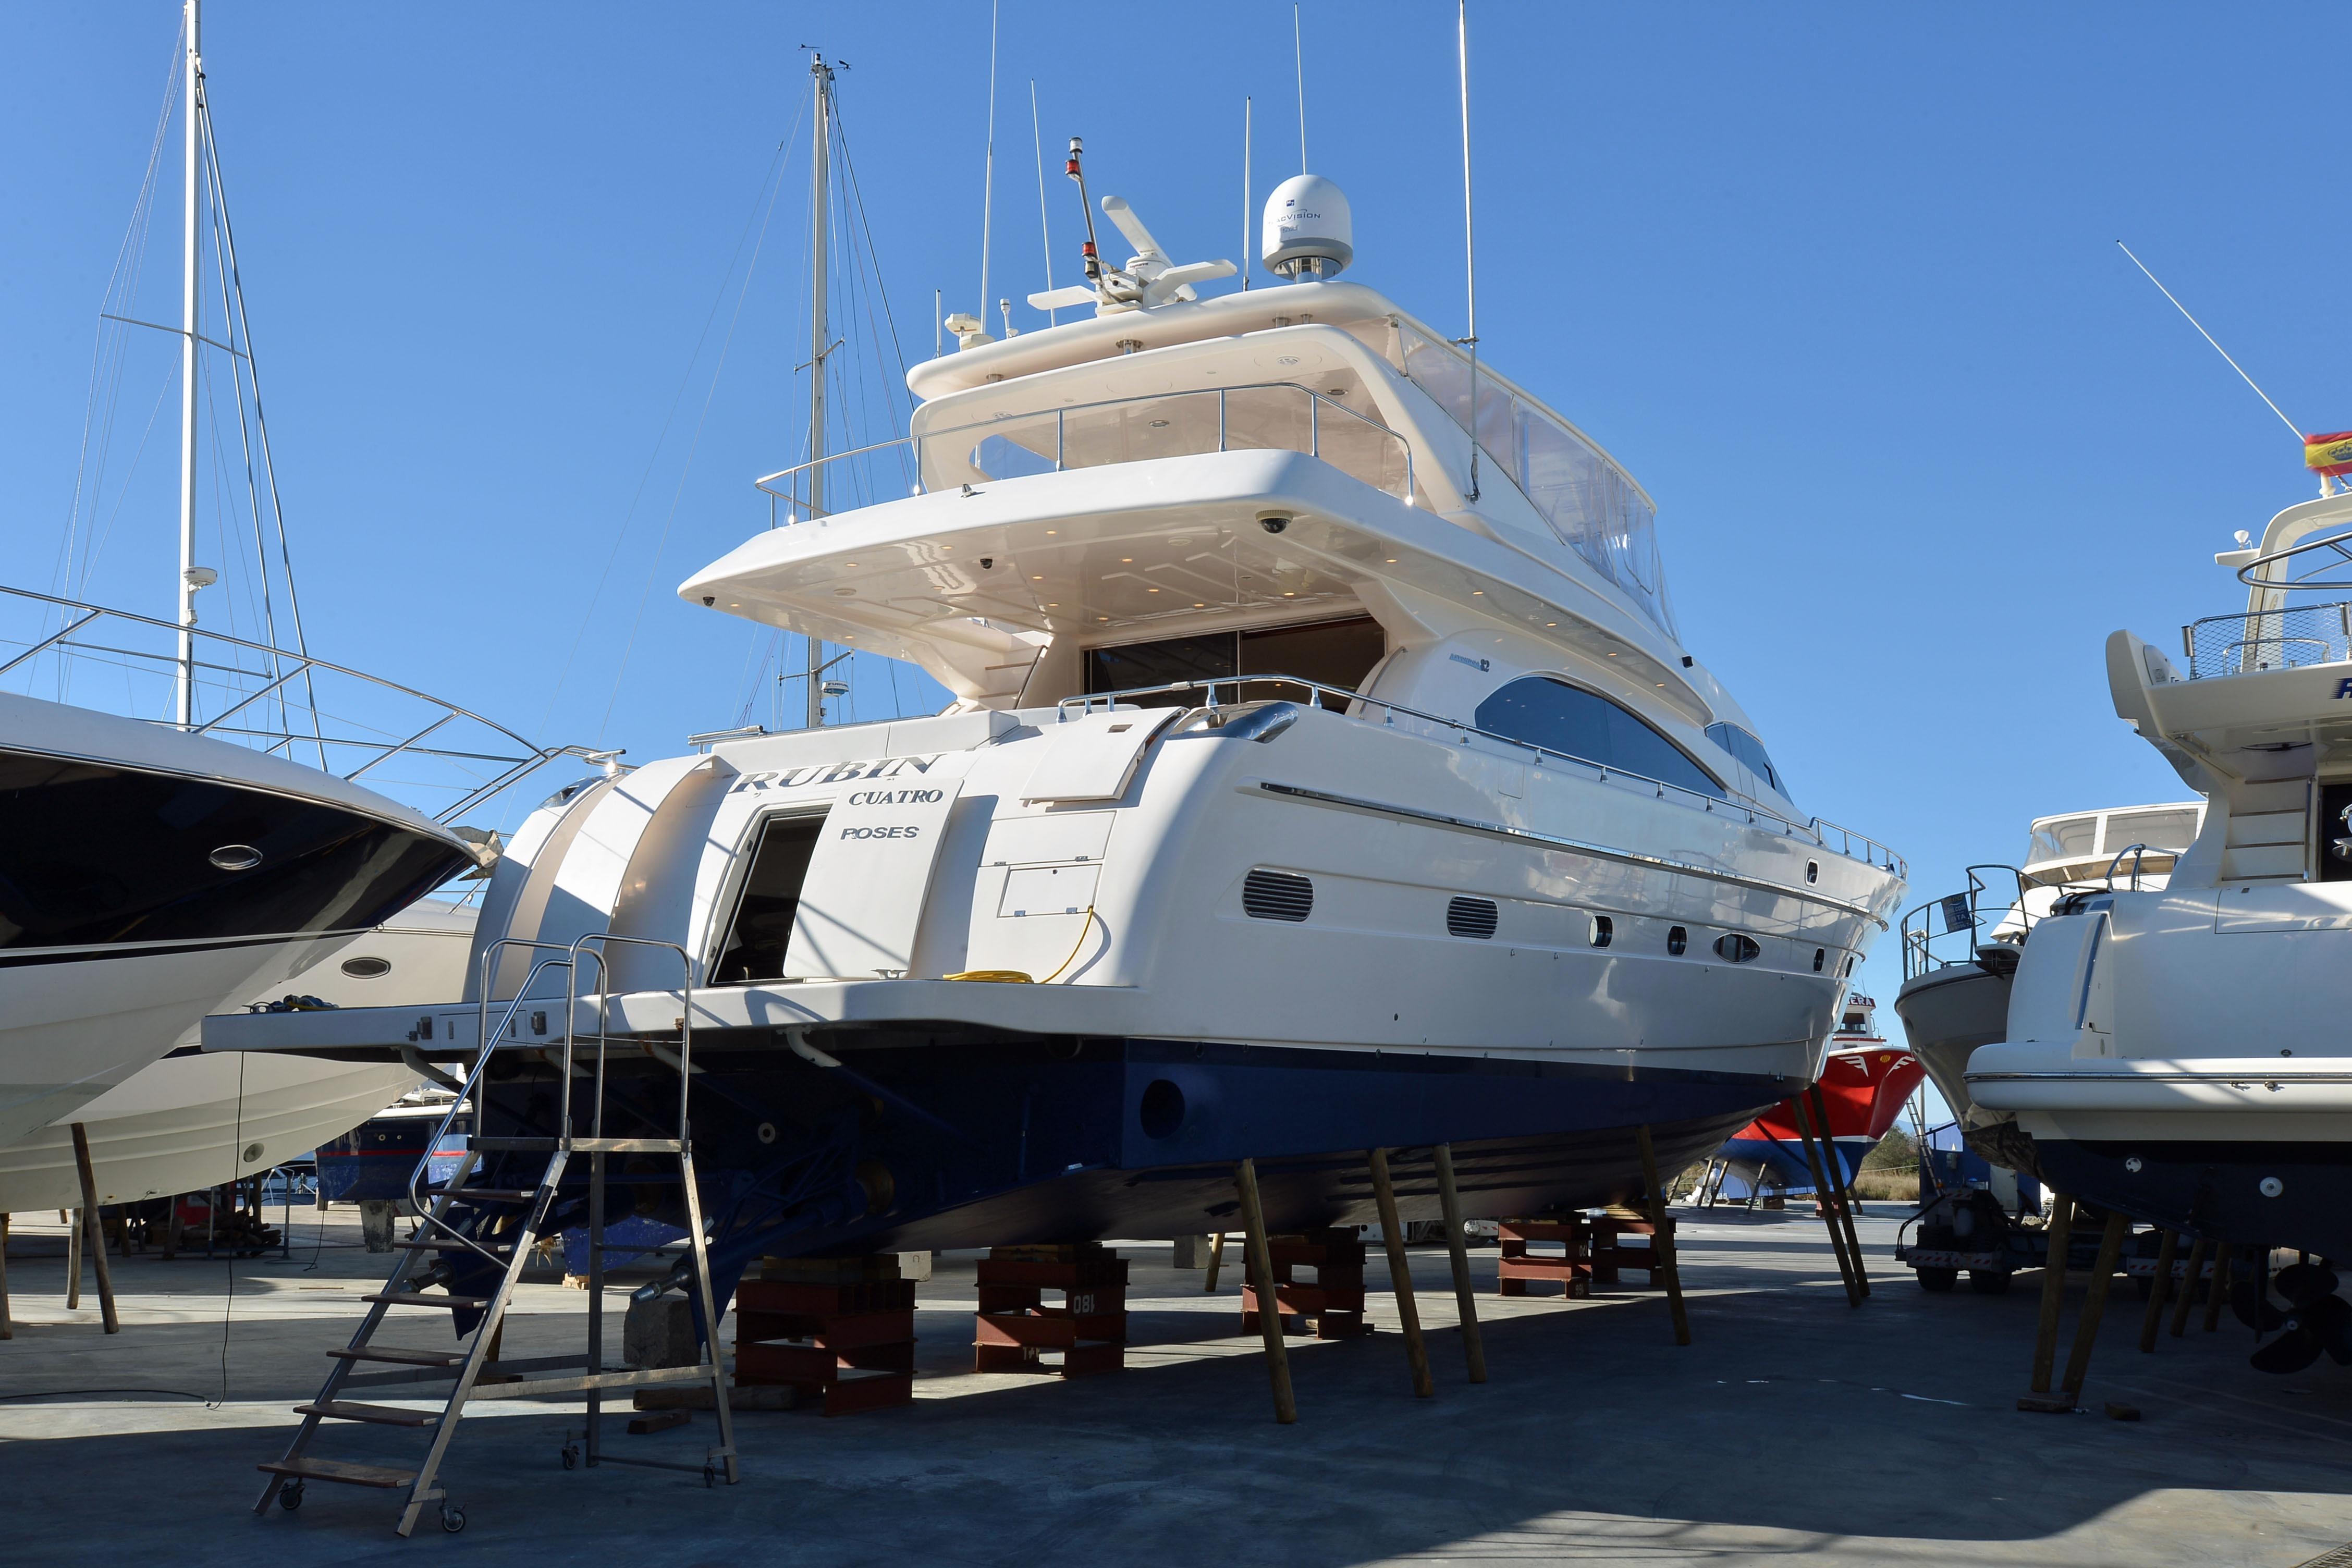 Astondoa 82 - seakeepers